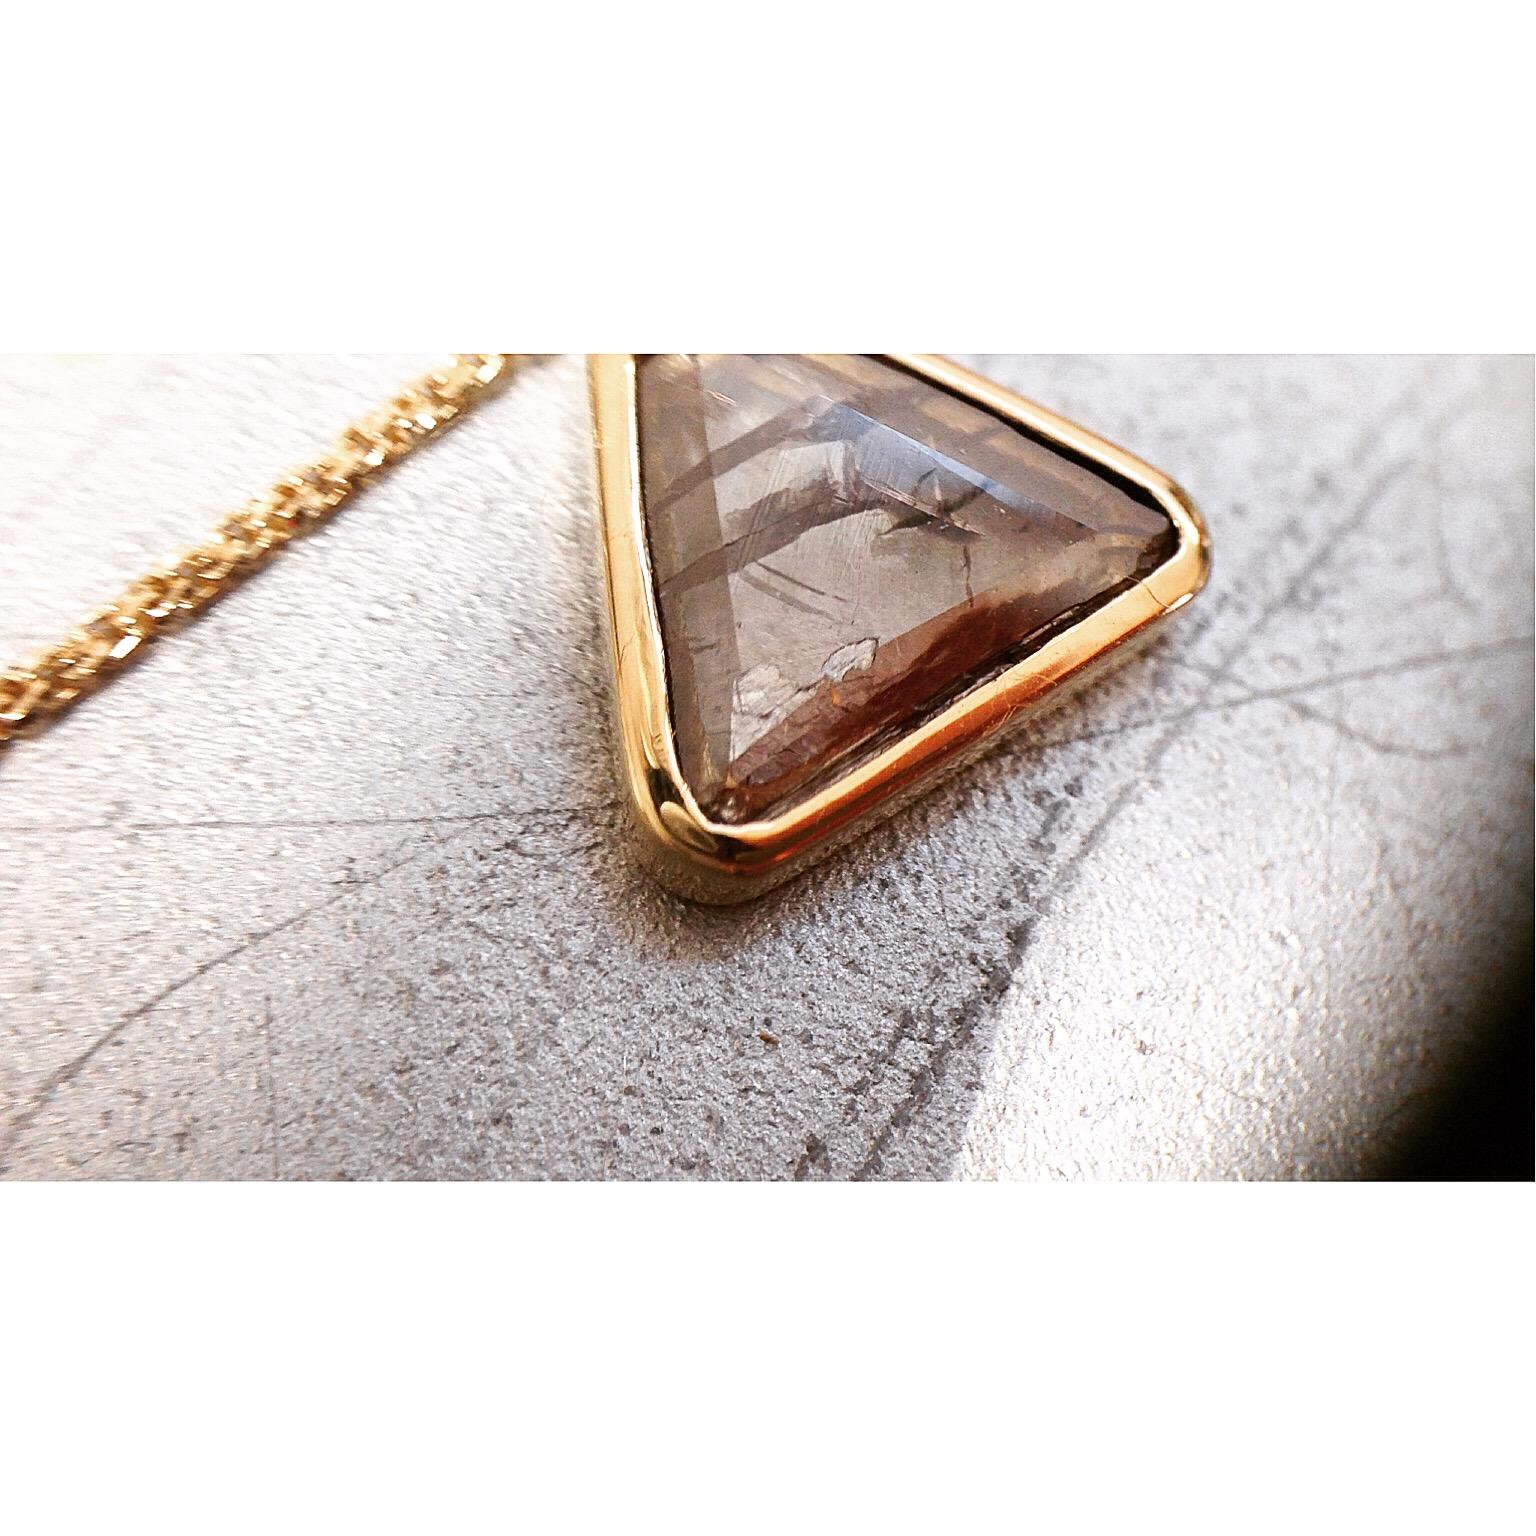 上品な輝き。スライスダイヤモンド。人気のロングチェーン